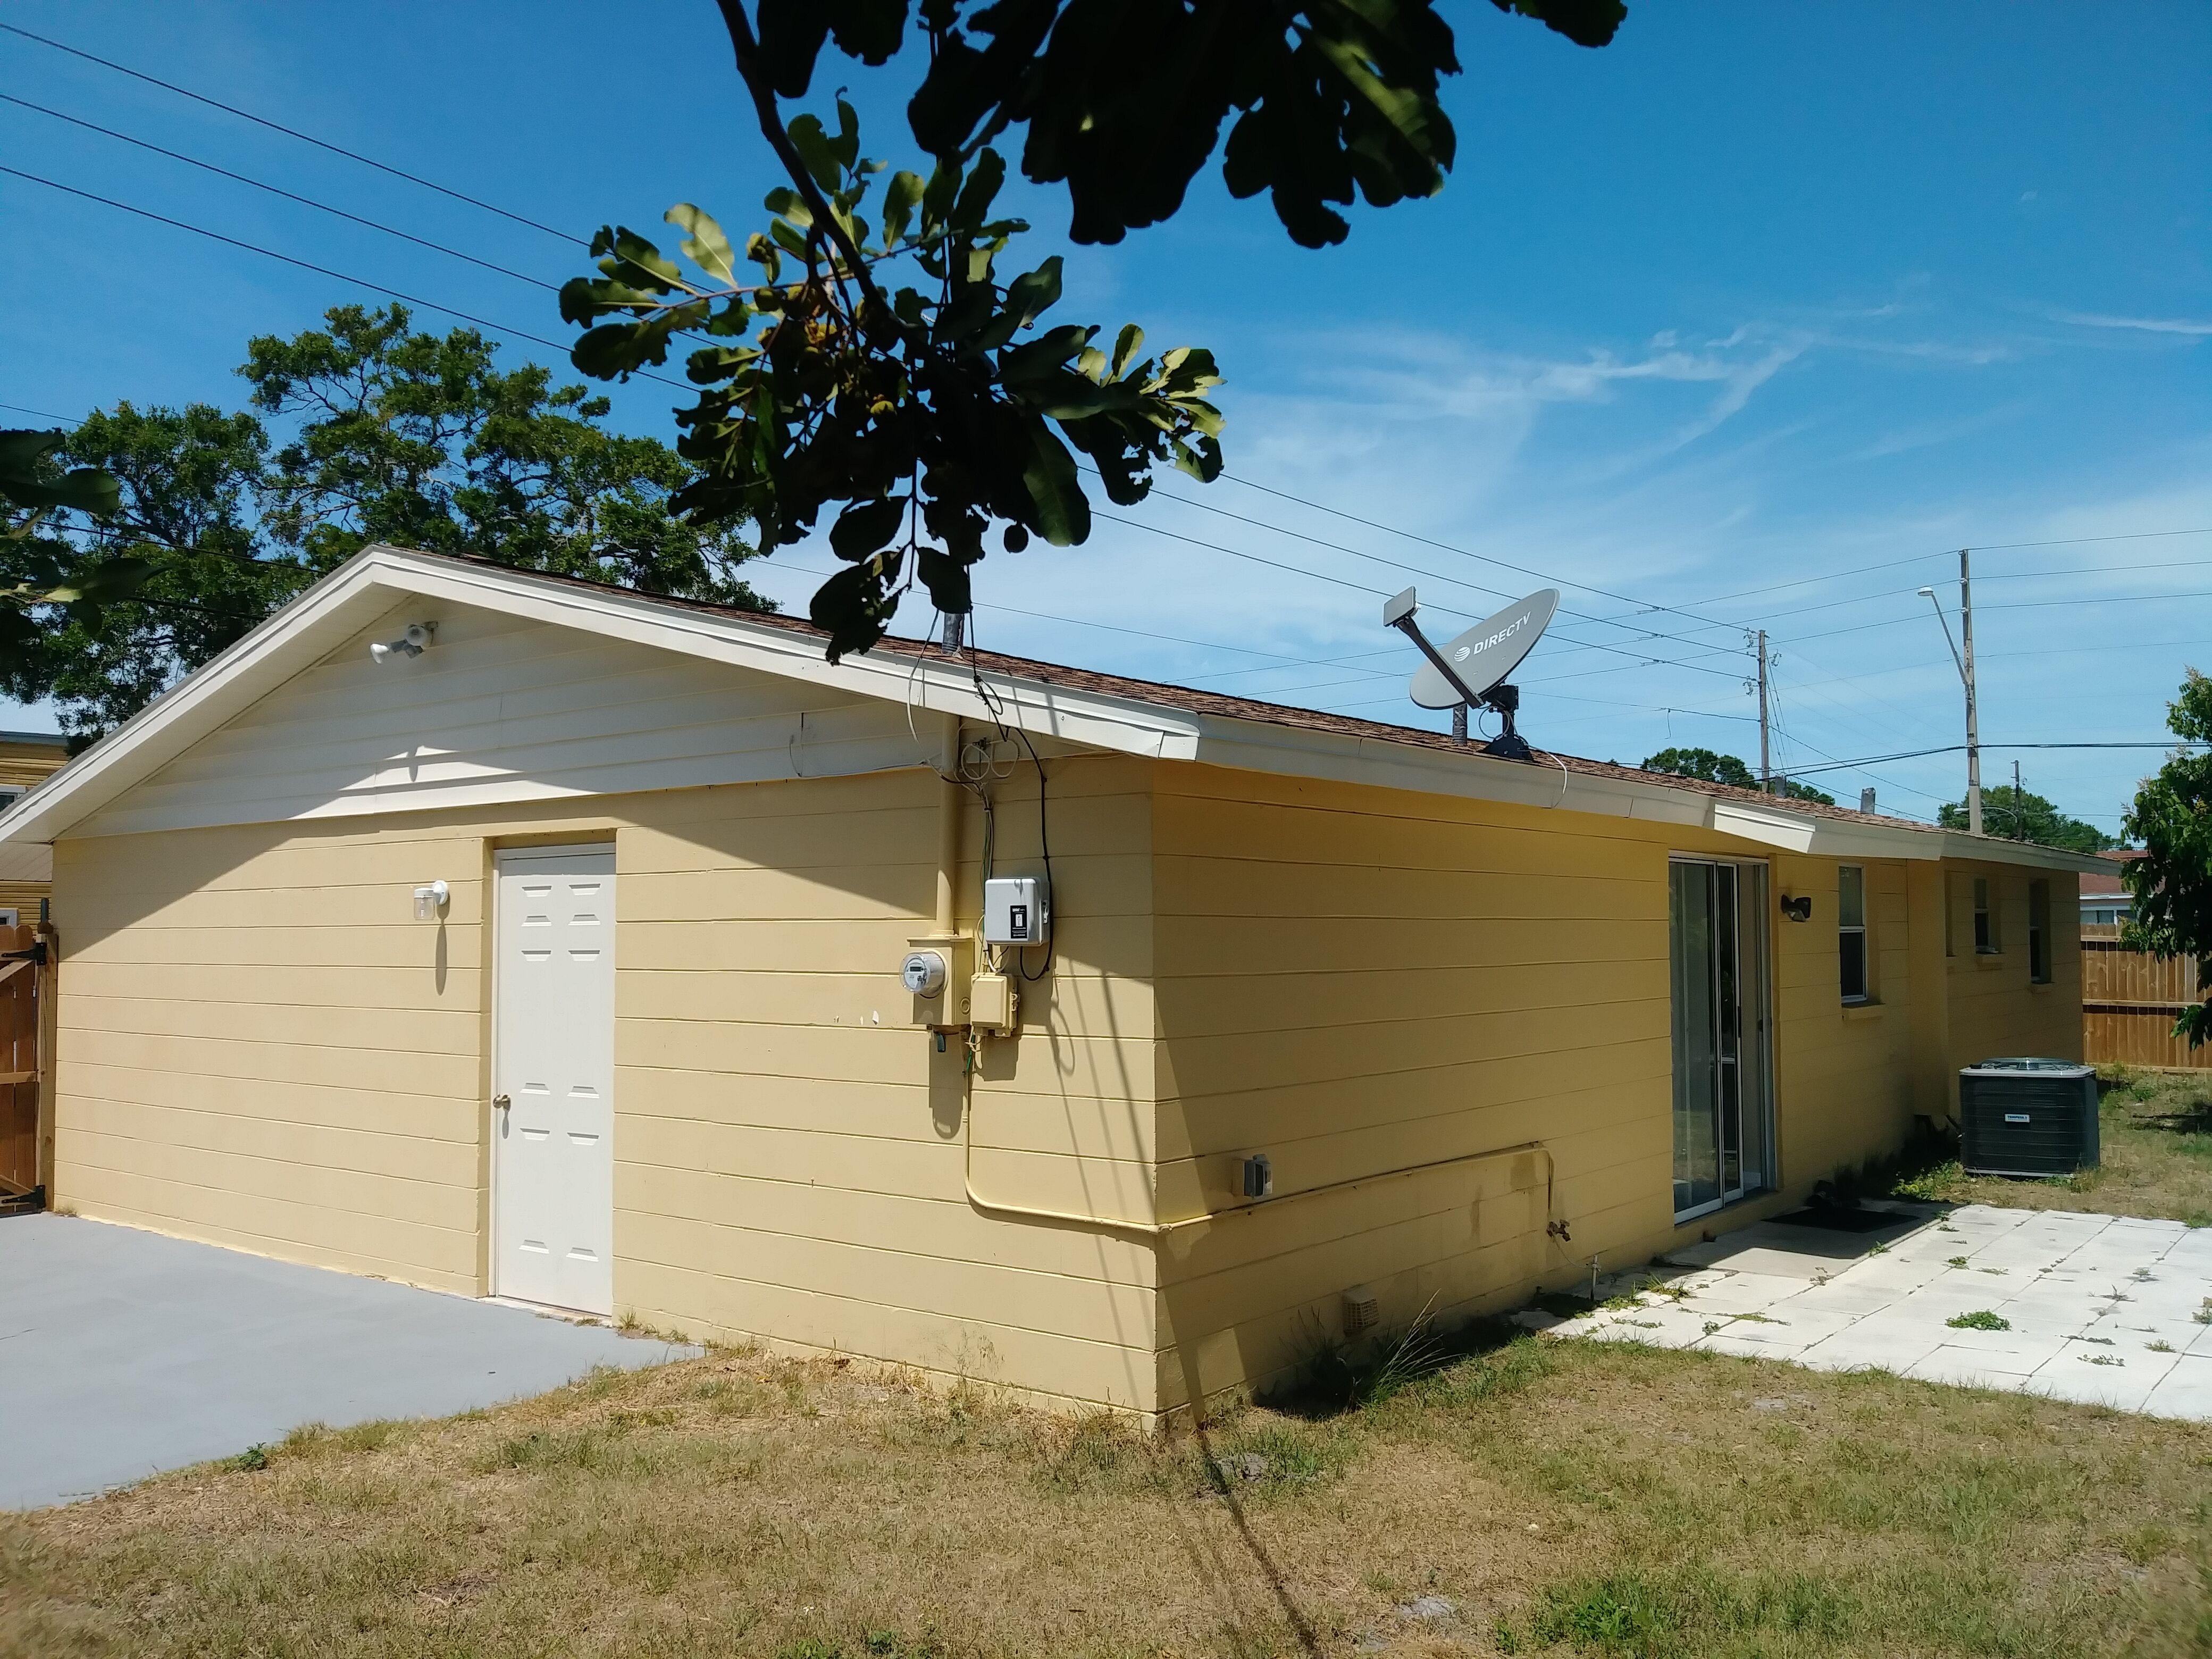 Photo of 3789 40th Street N, St. Petersburg, FL, 33713